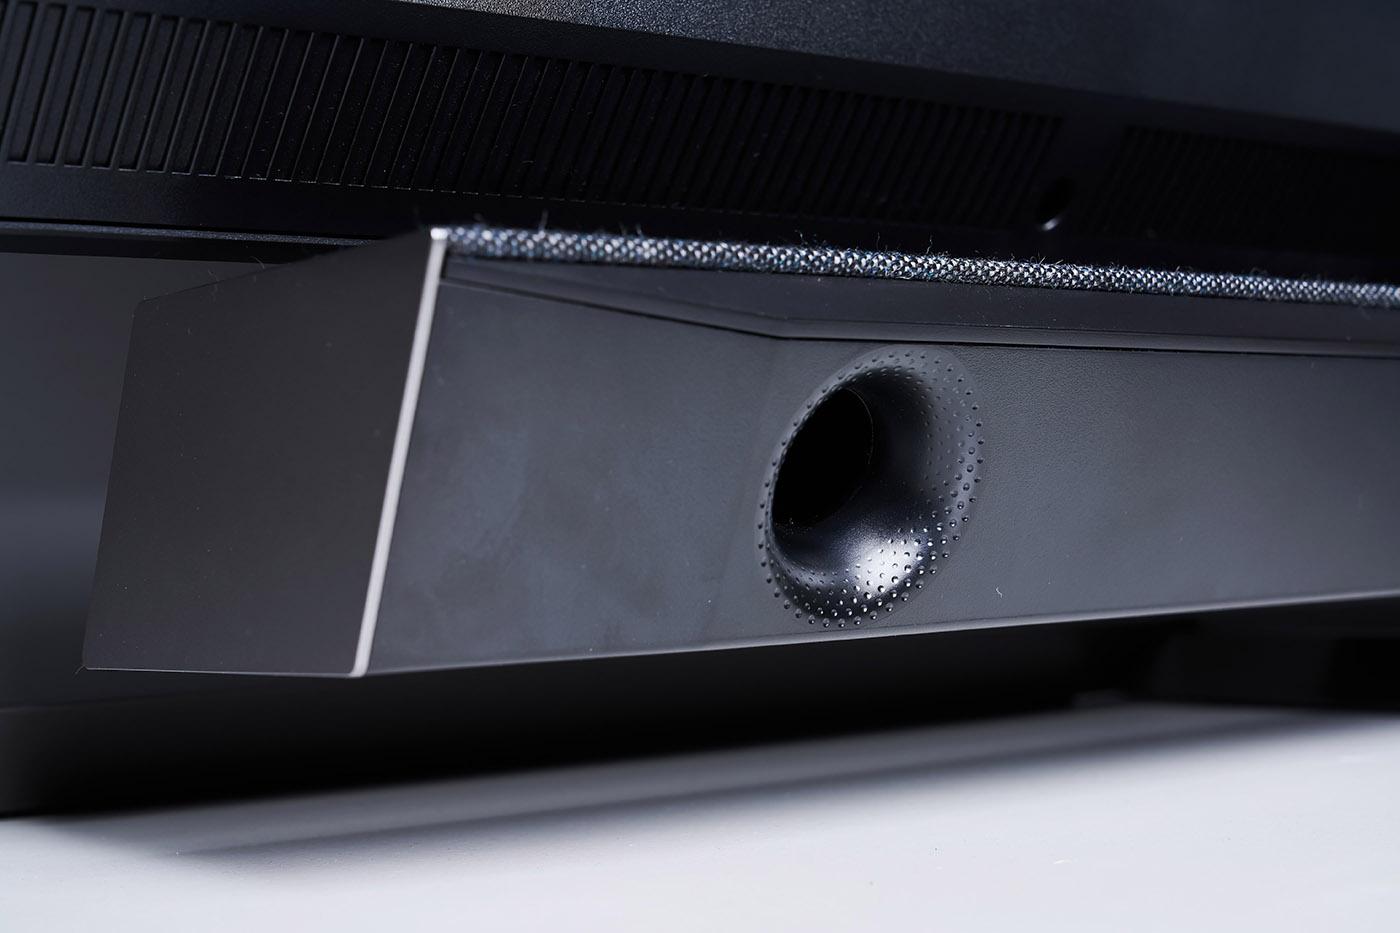 繼續檢視機體背面,則可注意到音響系統背部配置著低音反射孔,能強化音效低頻量感與延伸,而低音反射孔最外部採用凹凸圓點設計,則是為了避免低音駐波,且相信關注音響設備的人也應該發現,低音反射孔朝斜下方設計,透過向下輸出聲波的同時,也能利用放置顯示器的桌面與背牆反射擴散低音,創造更好的低頻表現。